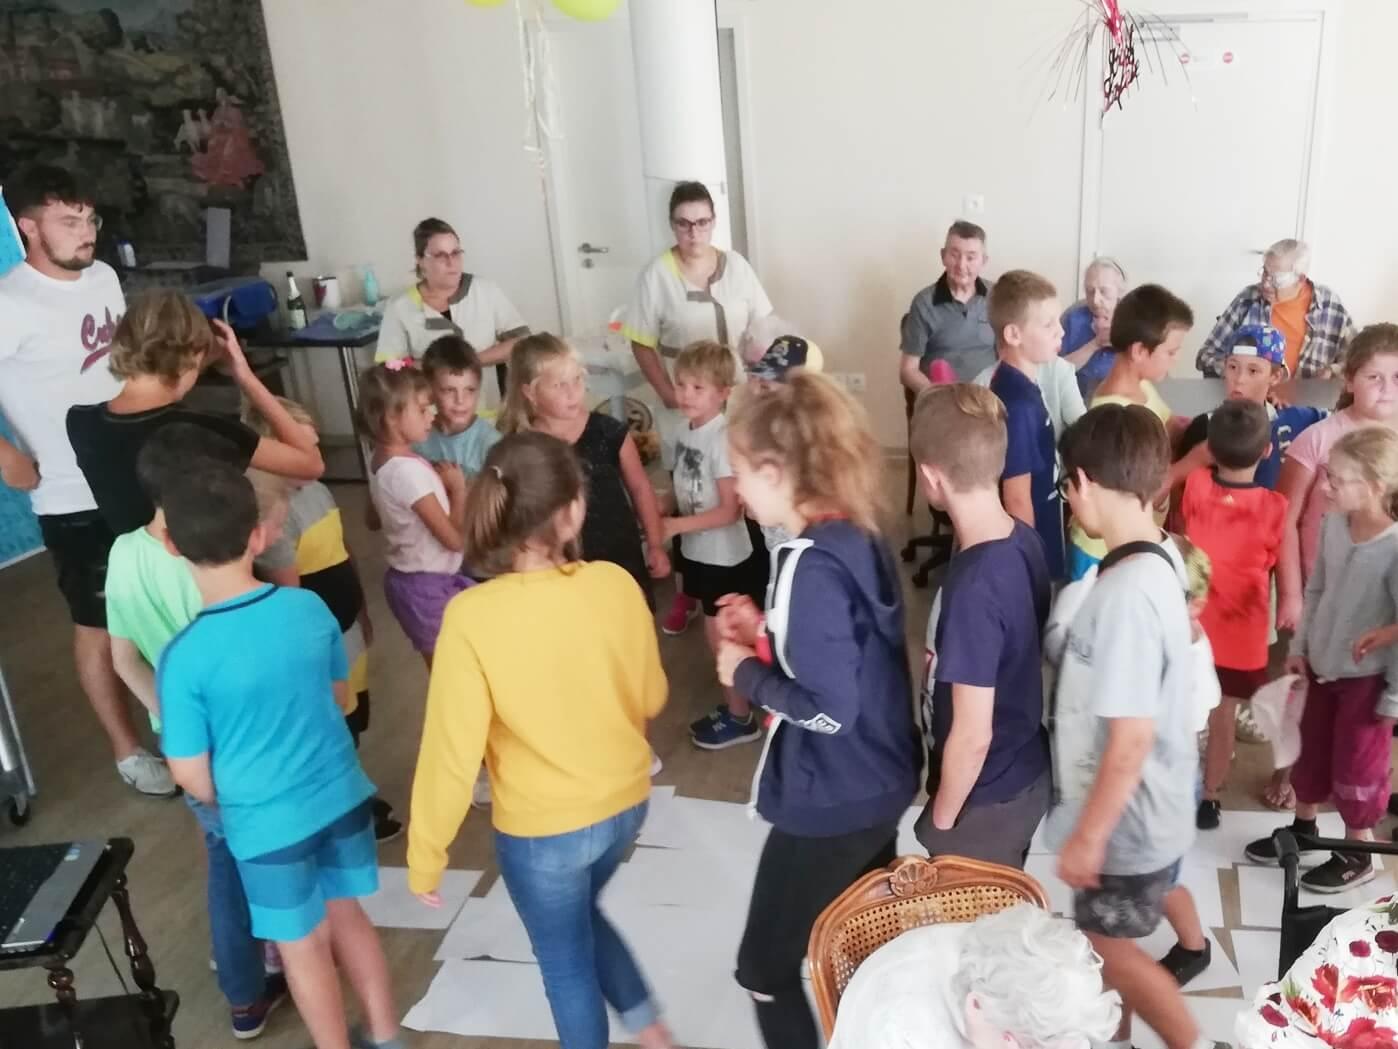 rencontre intergénérationnelle centre loisirs de marck ehpad les lilas marck en calaisis (4)